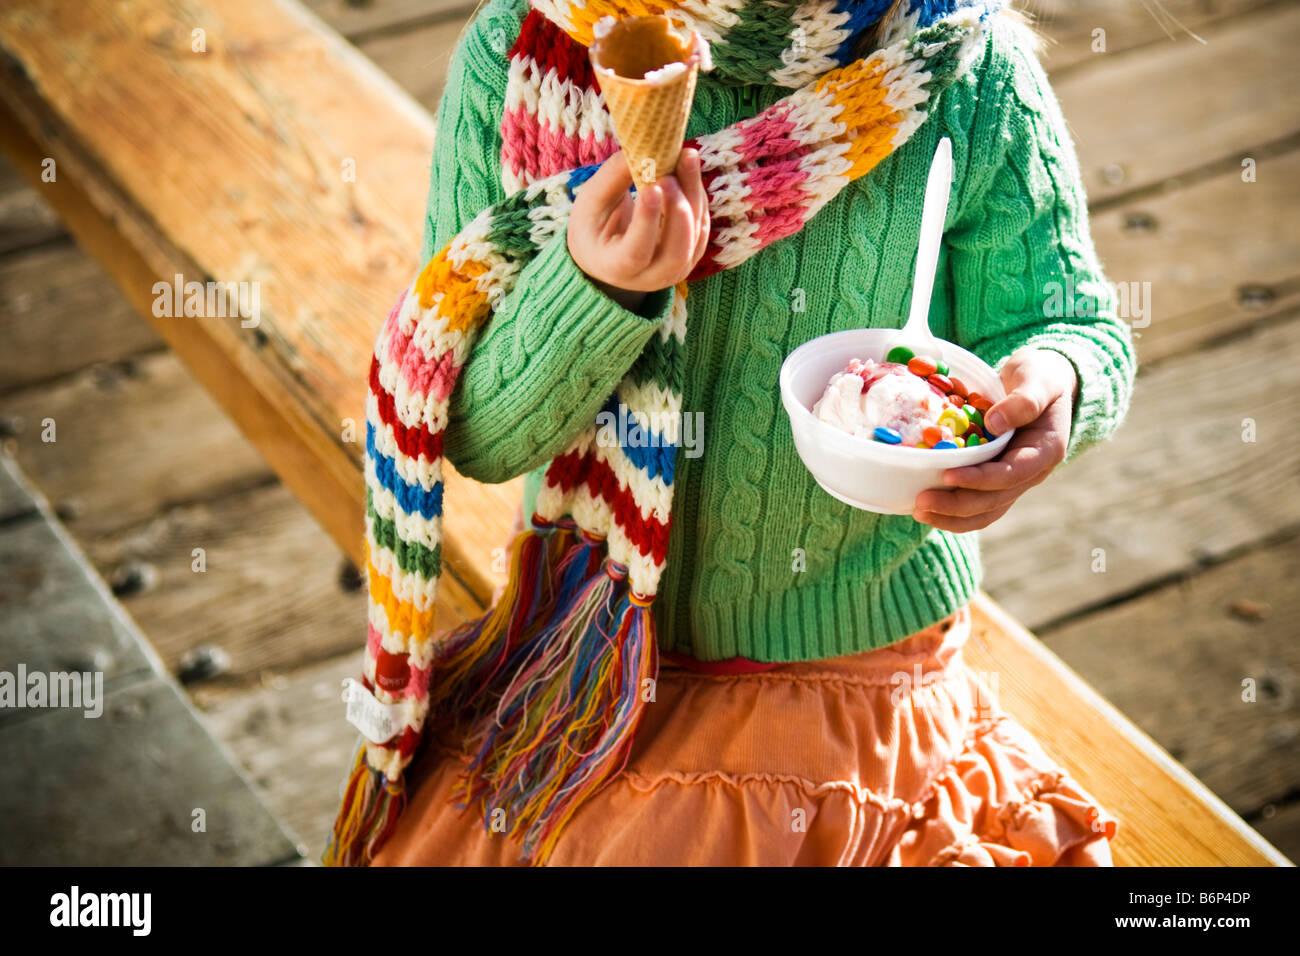 Une fille, 4-5 ans, bénéficie d'un bol de crème glacée et de m&m's sur une journée Photo Stock